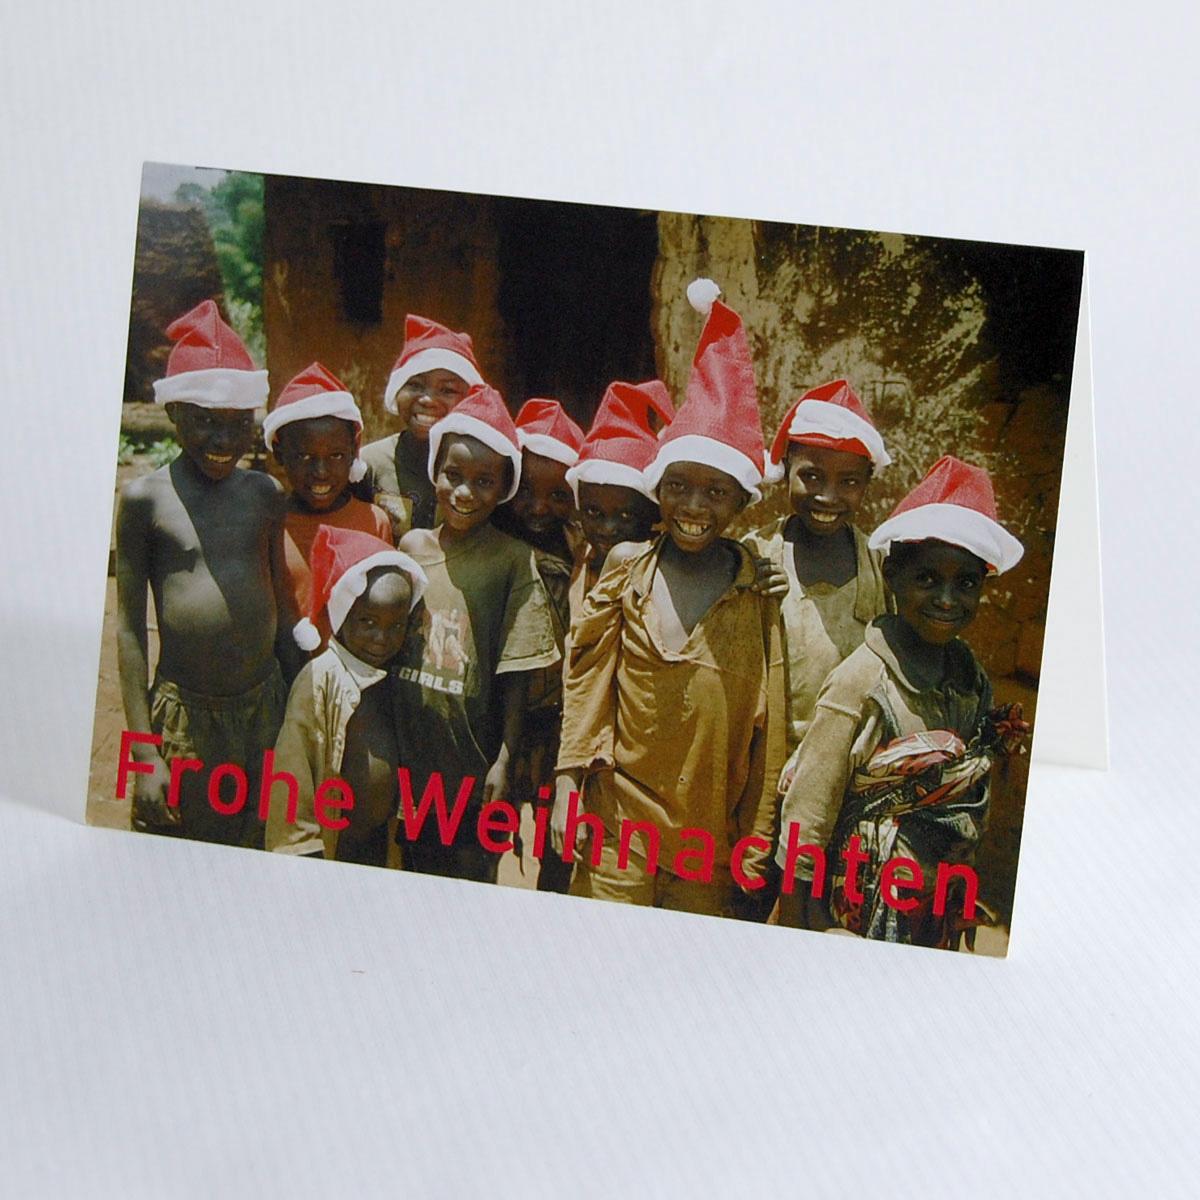 Weihnachtskarten Spende.Weihnachtskarte Mit Spende Kinder Mit Weihnachtsmannmützen